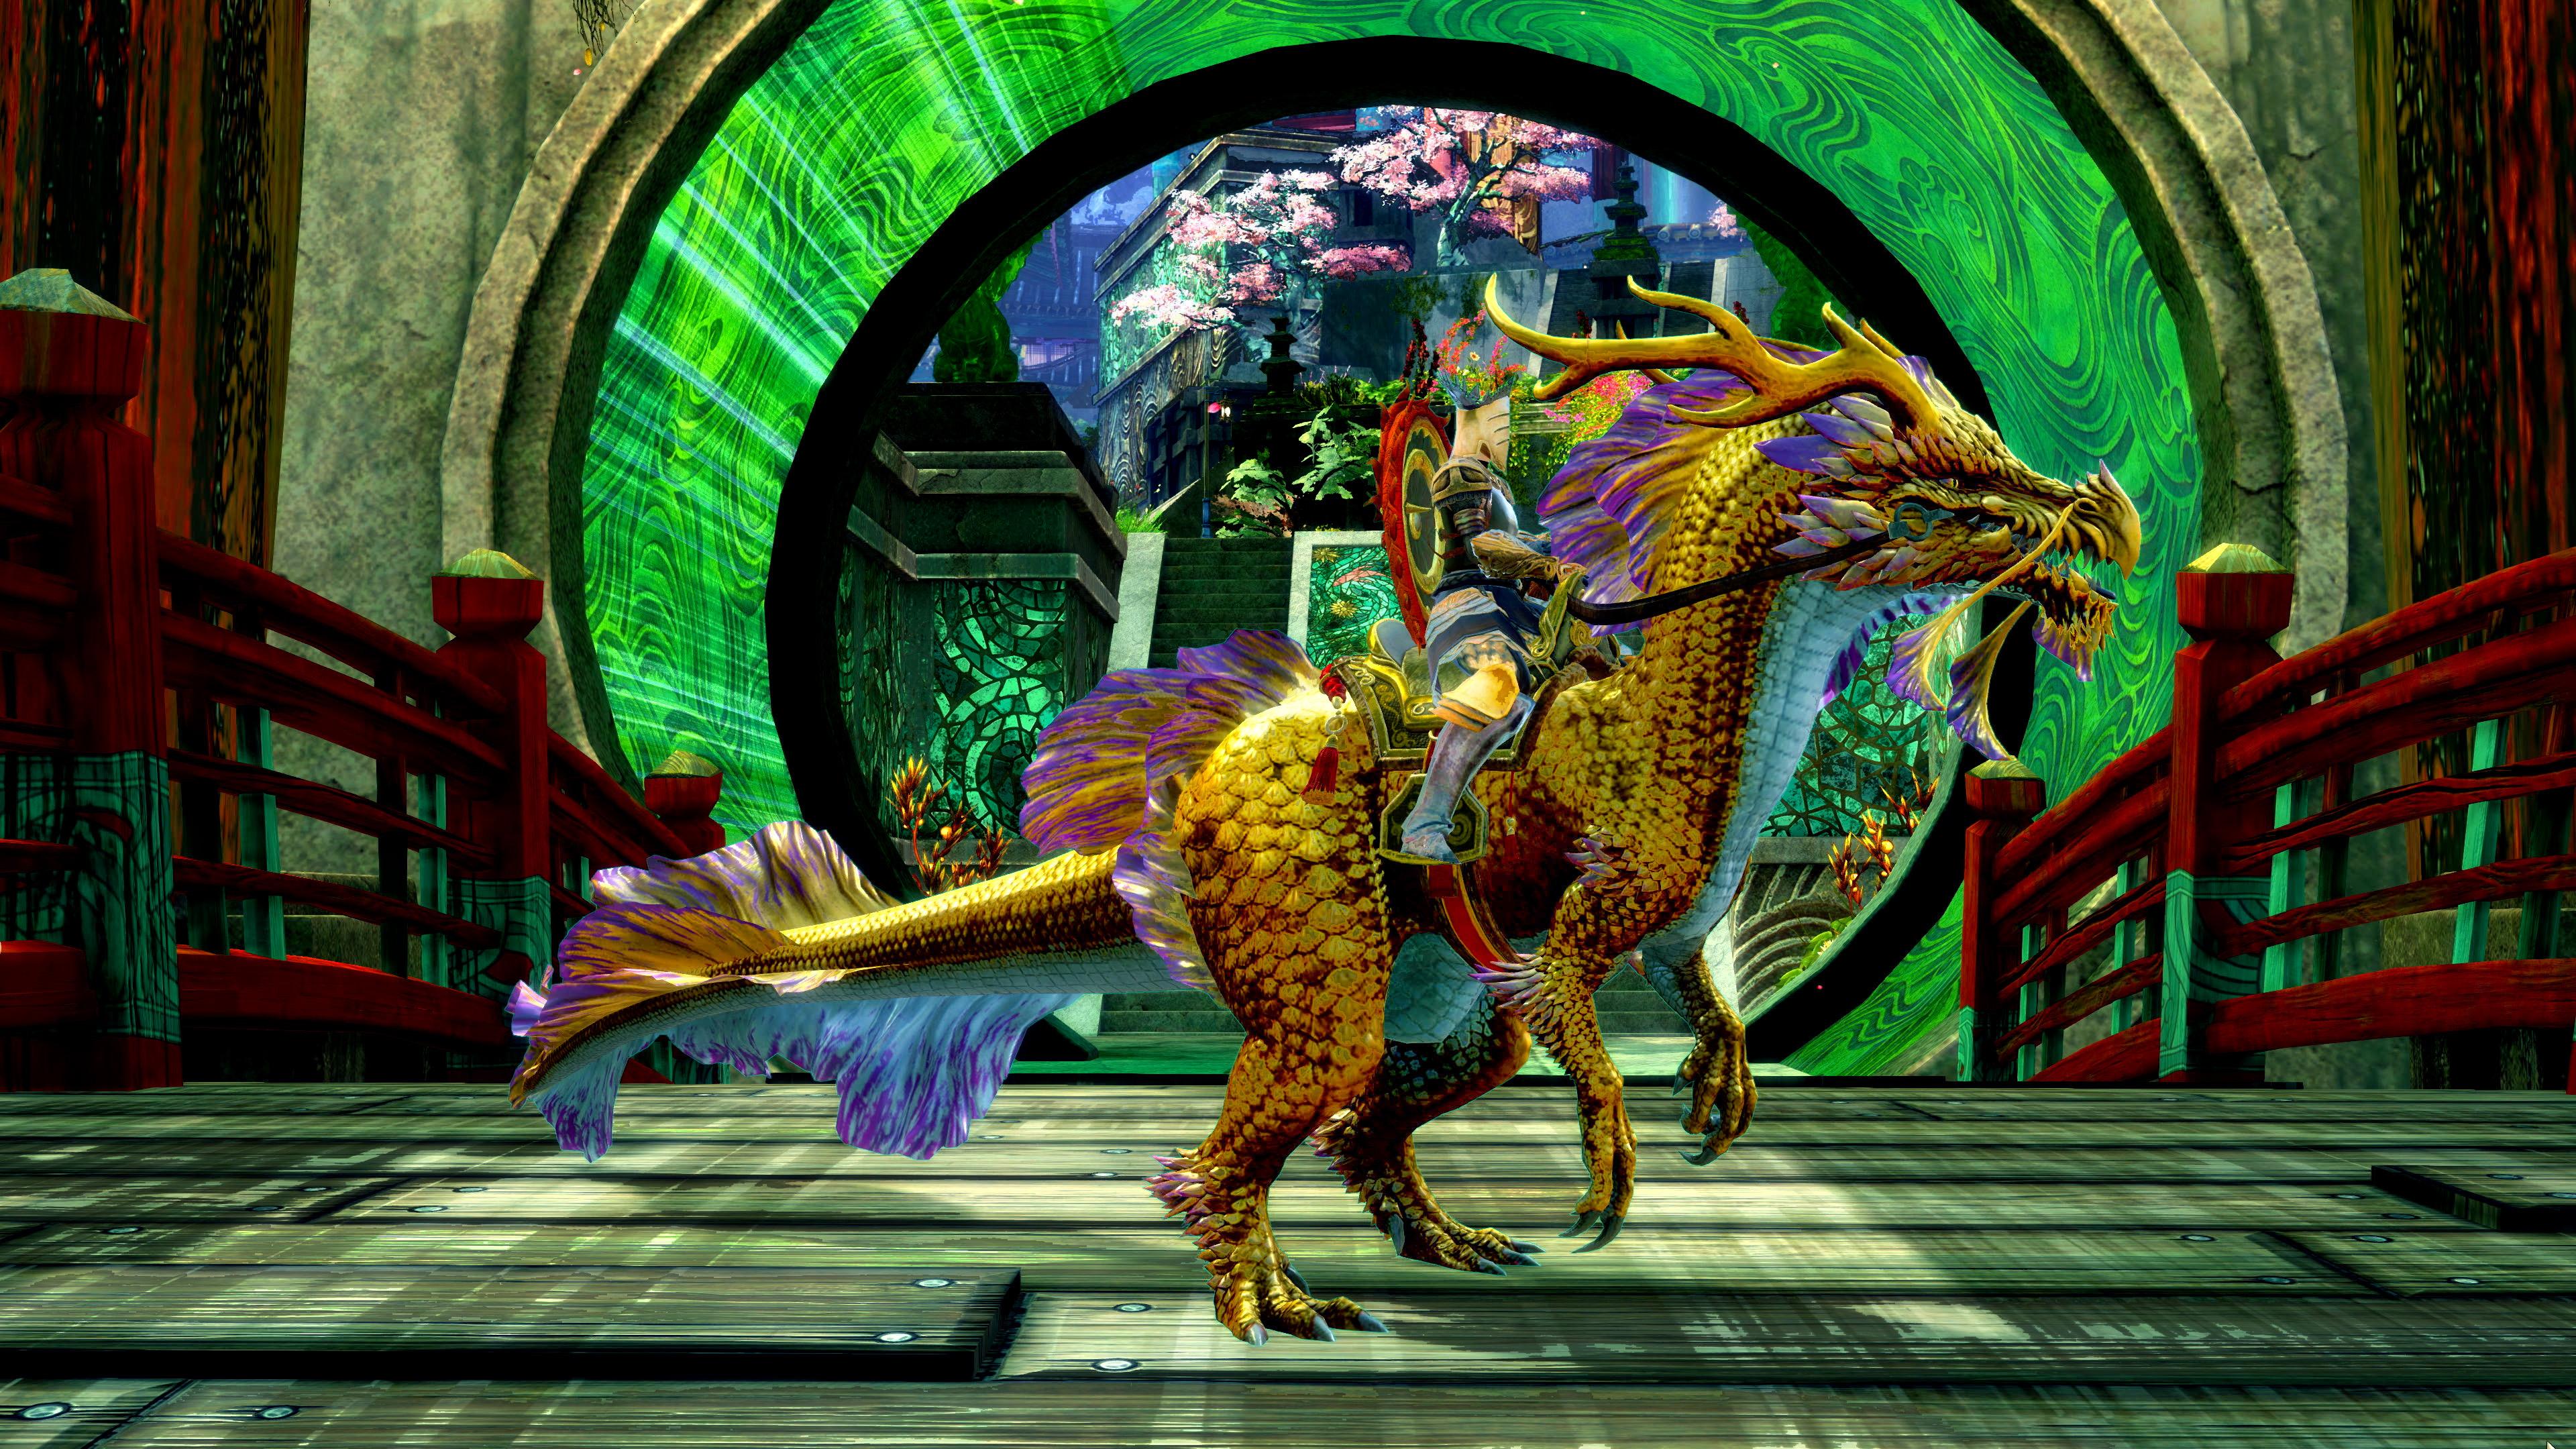 Diseño de Raptor Canthiano Acuático